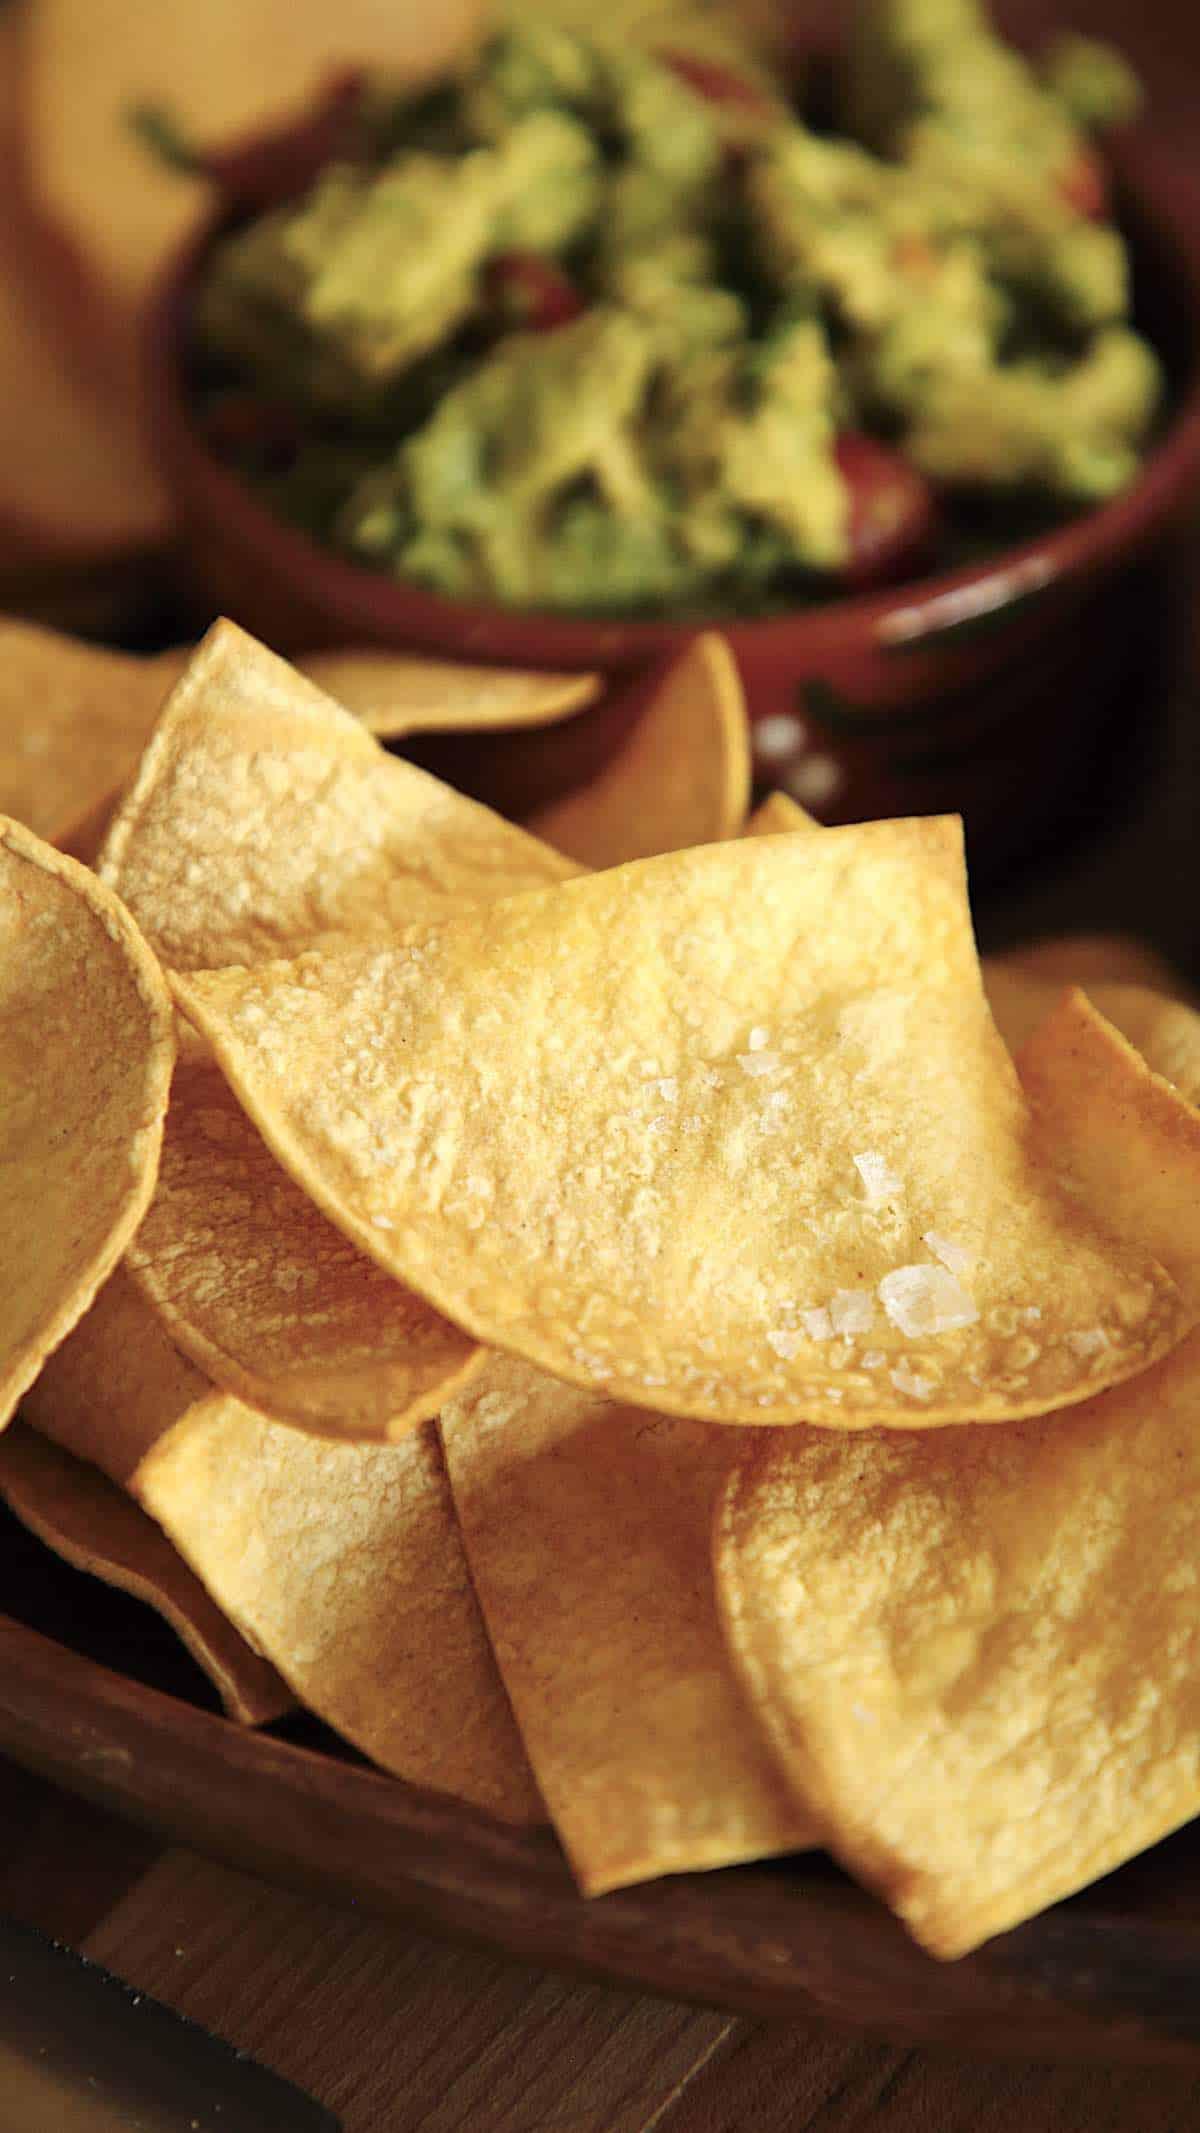 Close up of salt on a tortilla chips